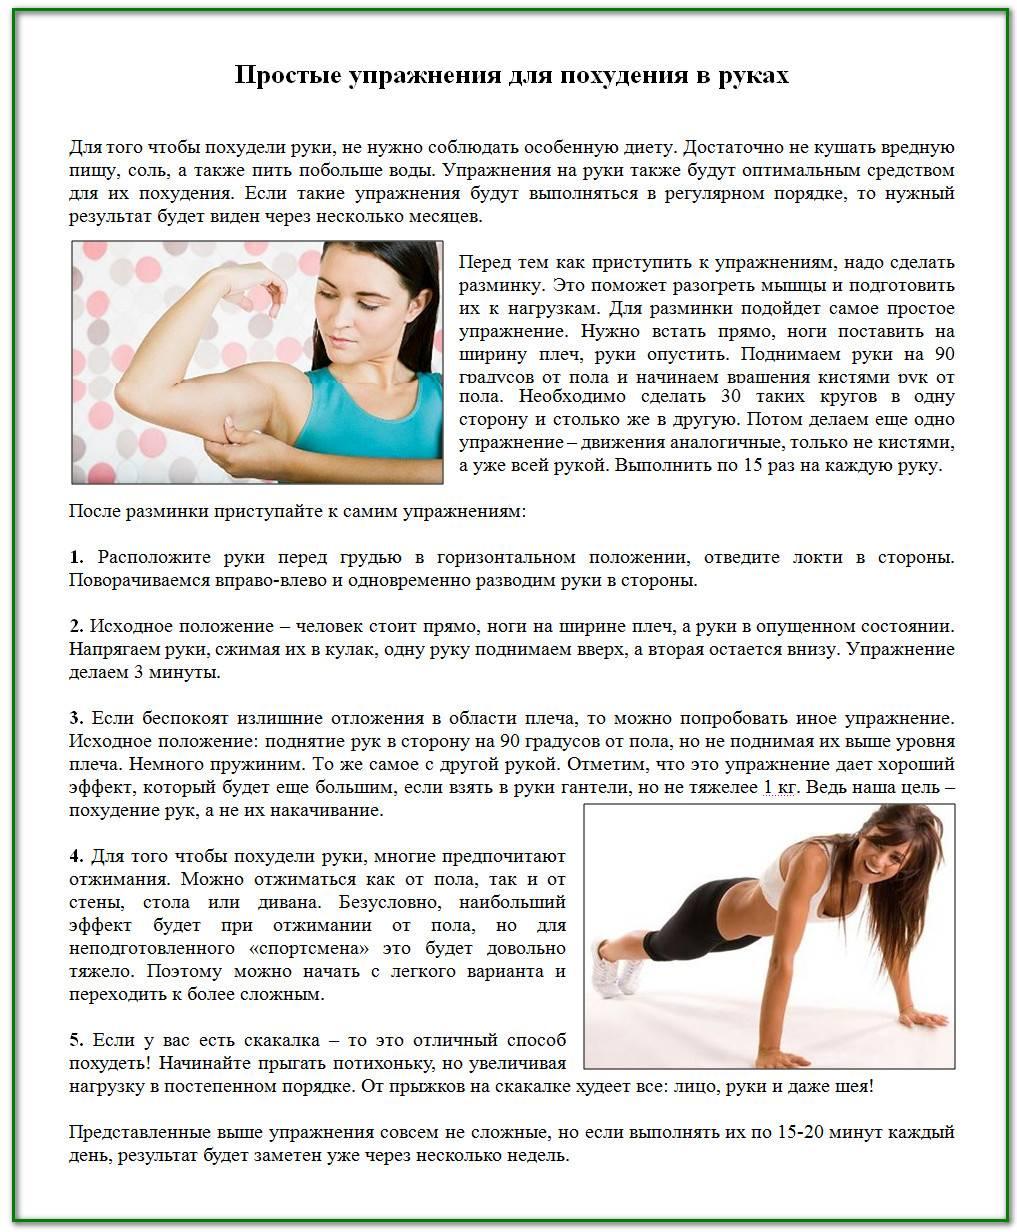 Как похудеть в руках и в плечах быстро и эффективно: упражнения и советы